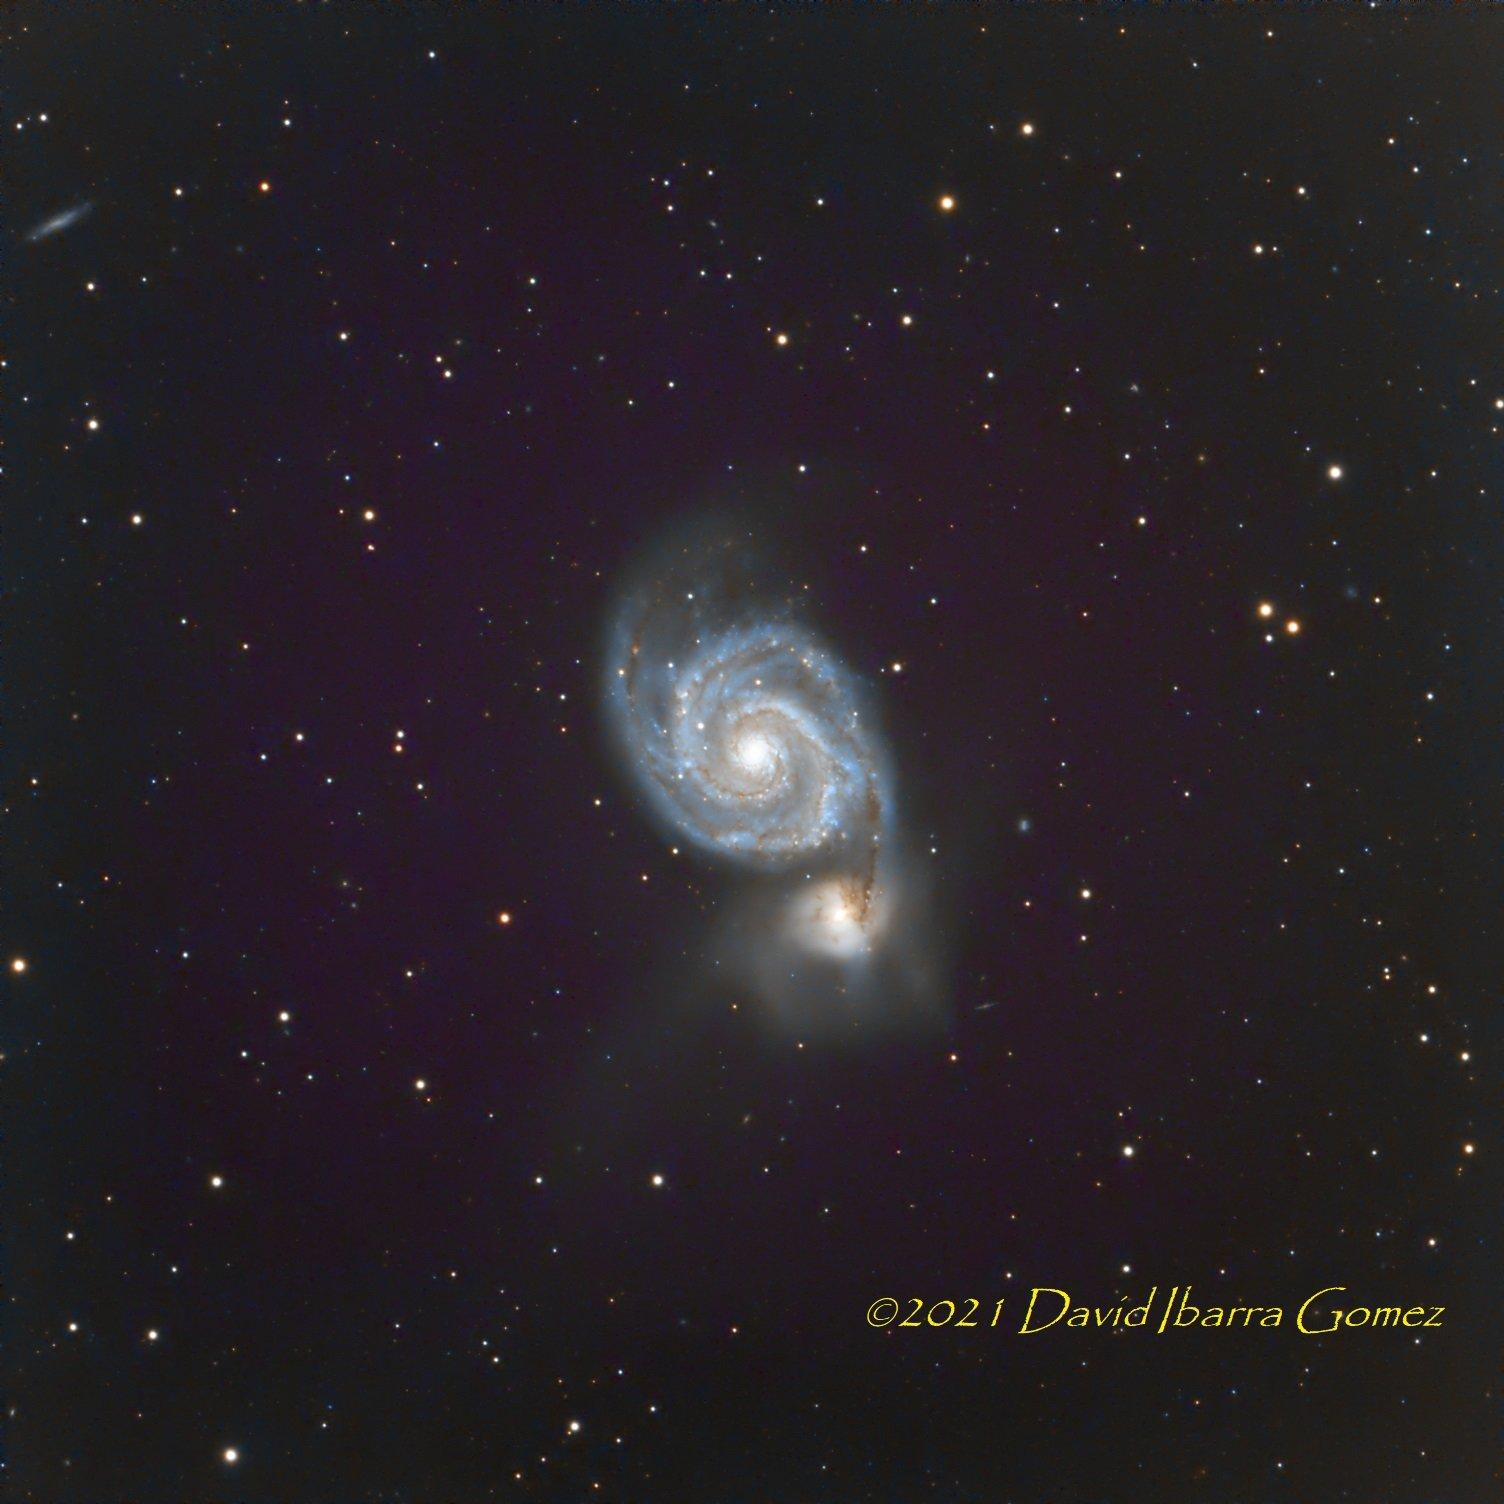 M51 - David Ibarra